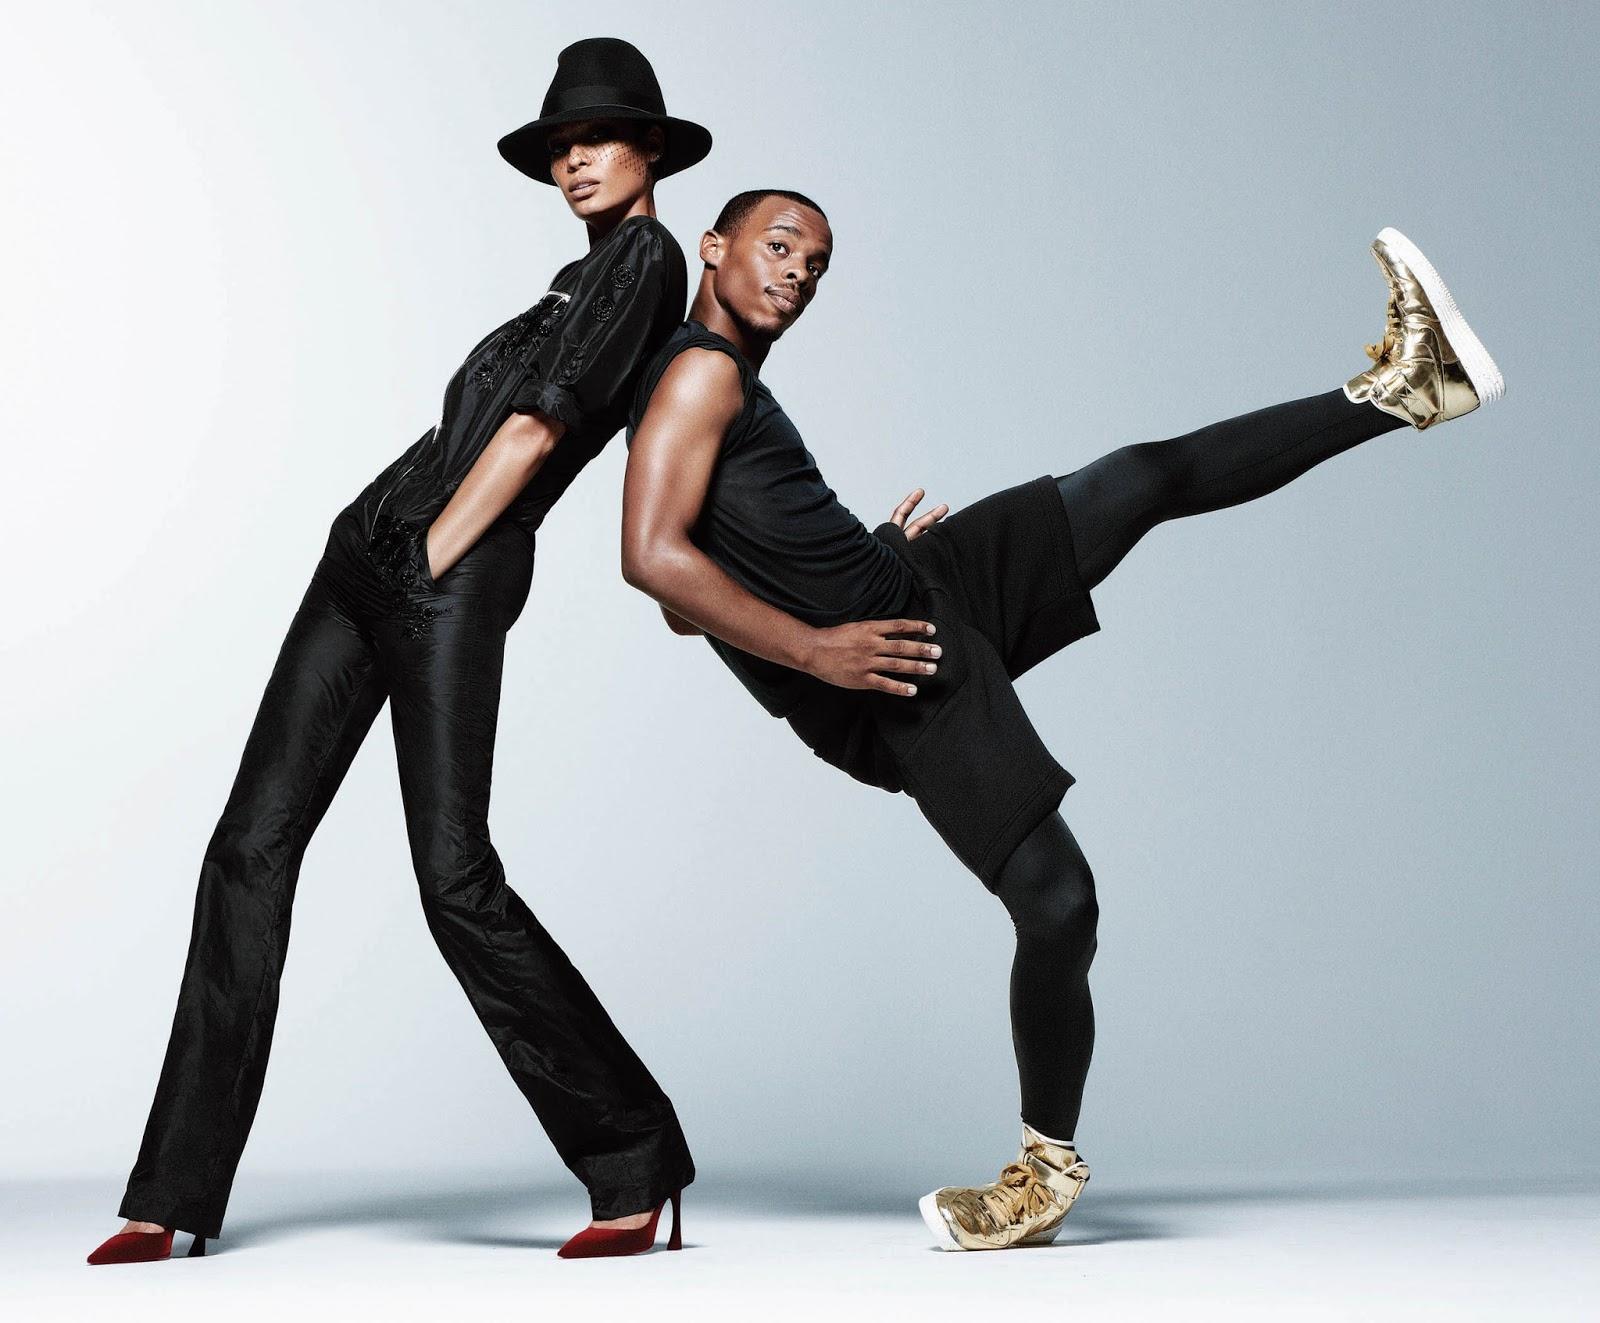 Artistic dance fashions towson